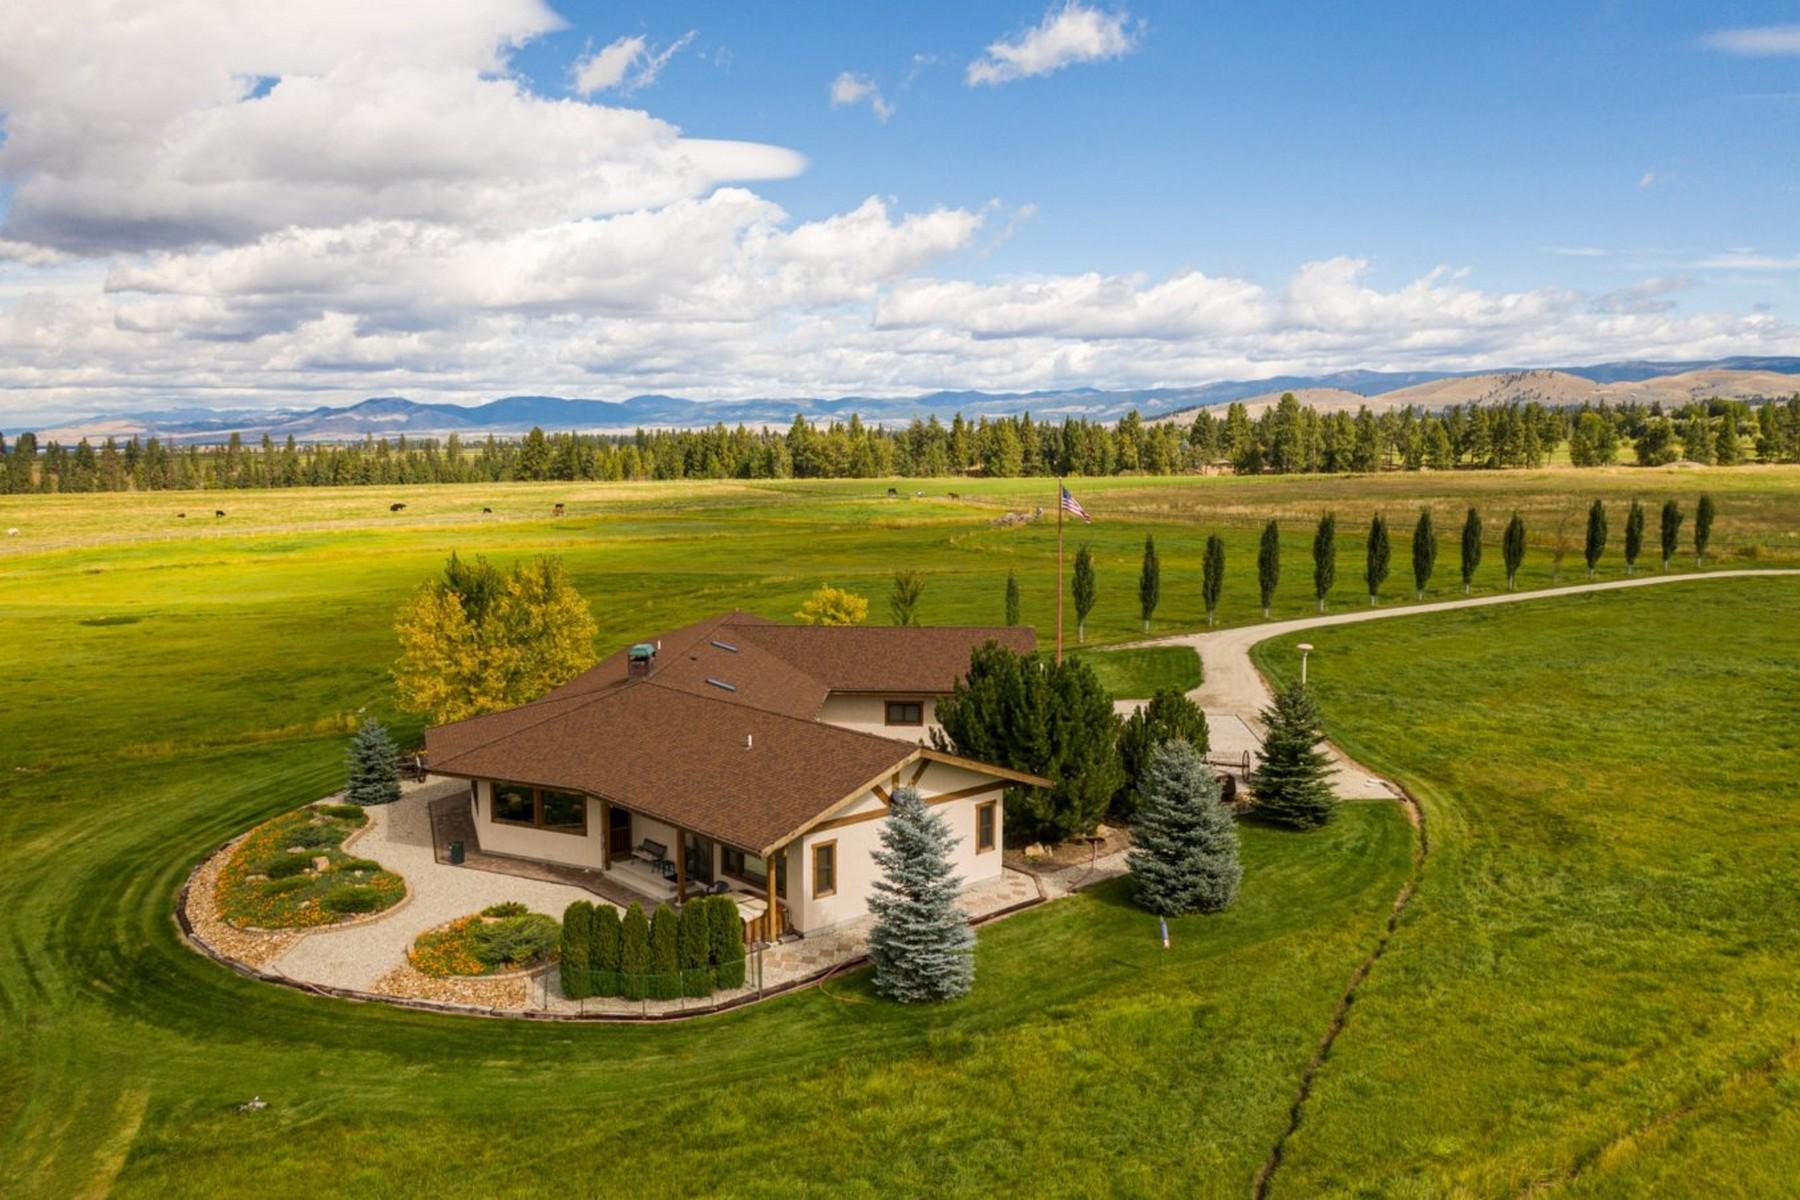 Single Family Homes for Sale at 792/794 Drift In Lane Stevensville, Montana 59870 United States